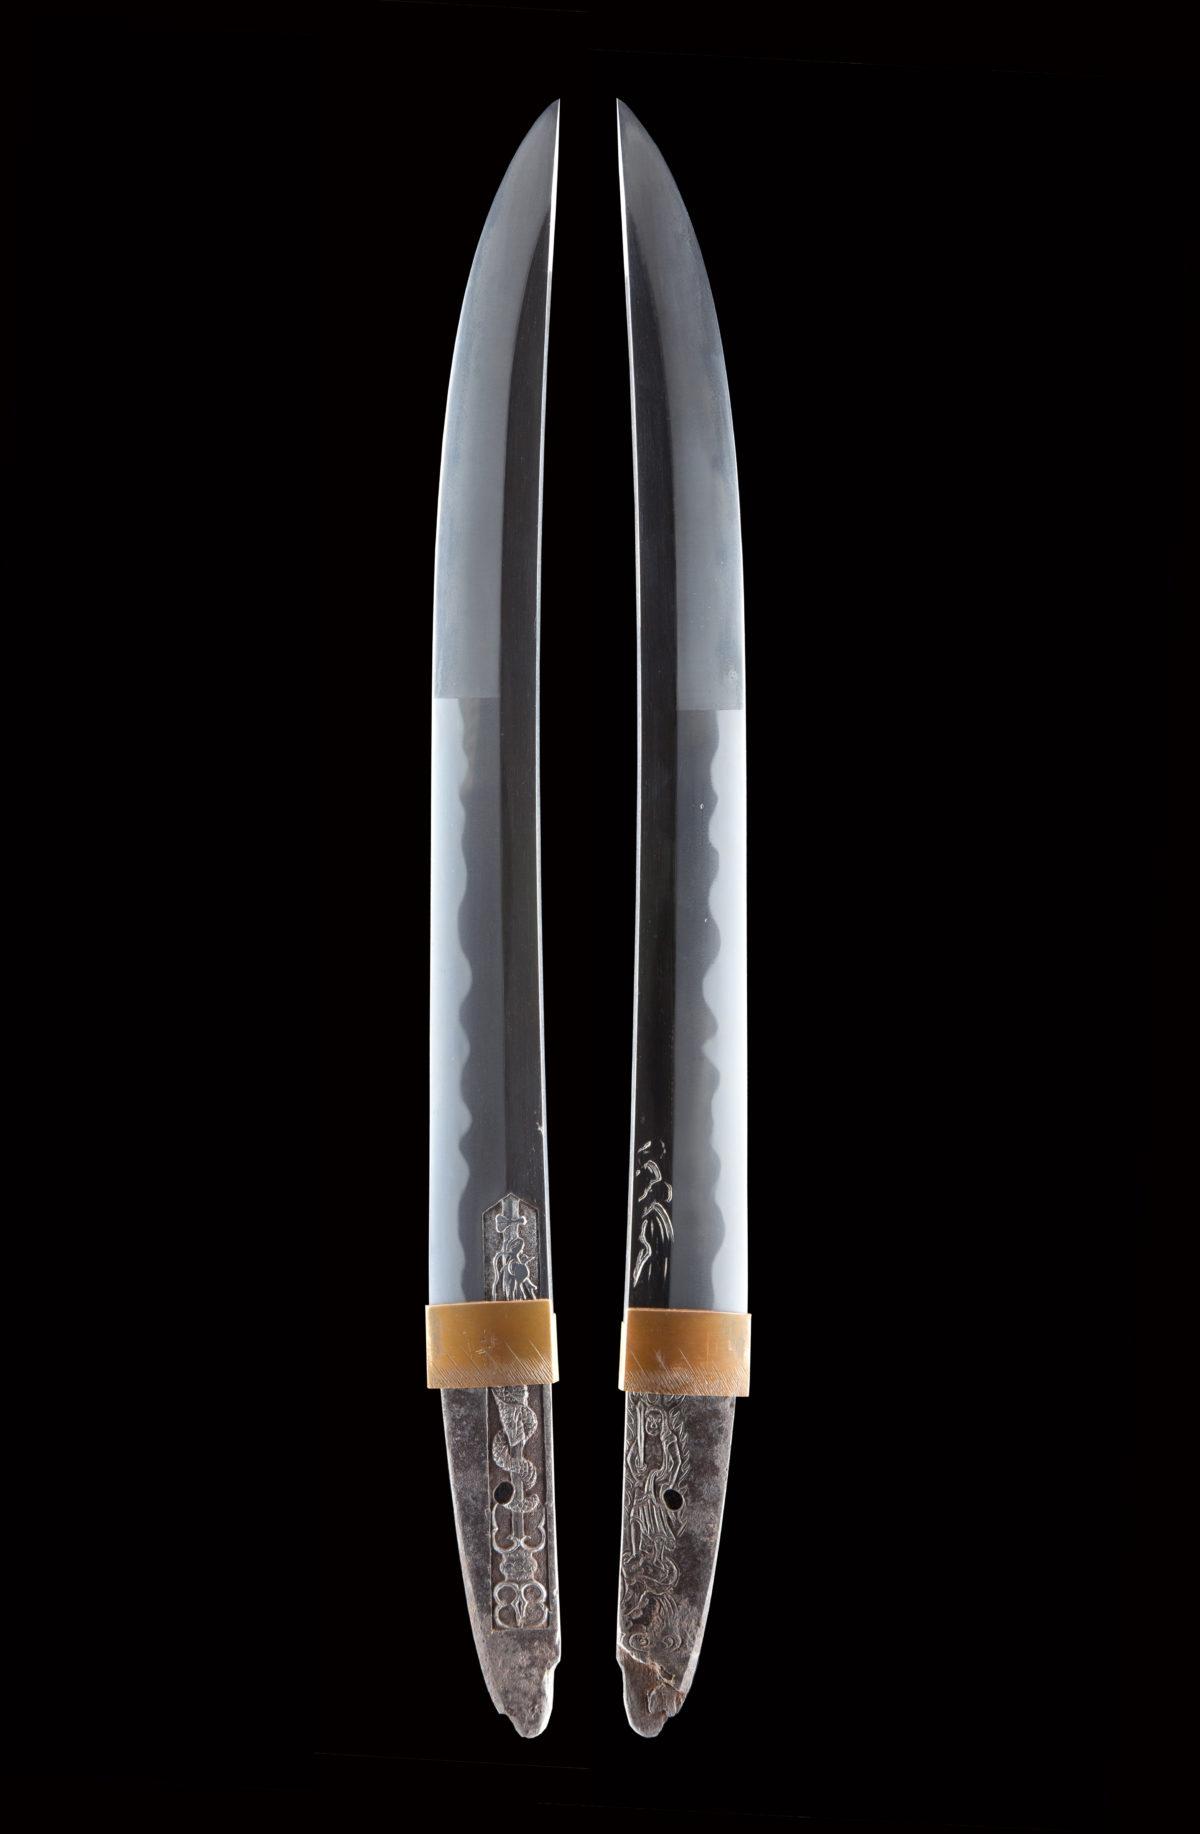 低めの「素銅」ハバキ。薩州仁礼正真(文化1804年-1818年頃)は 薩州礼五郎も同名で伯耆守平朝臣正幸の門下。 ねむい刃を焼き、出来がどことなく師の伯耆守正幸に似ている。